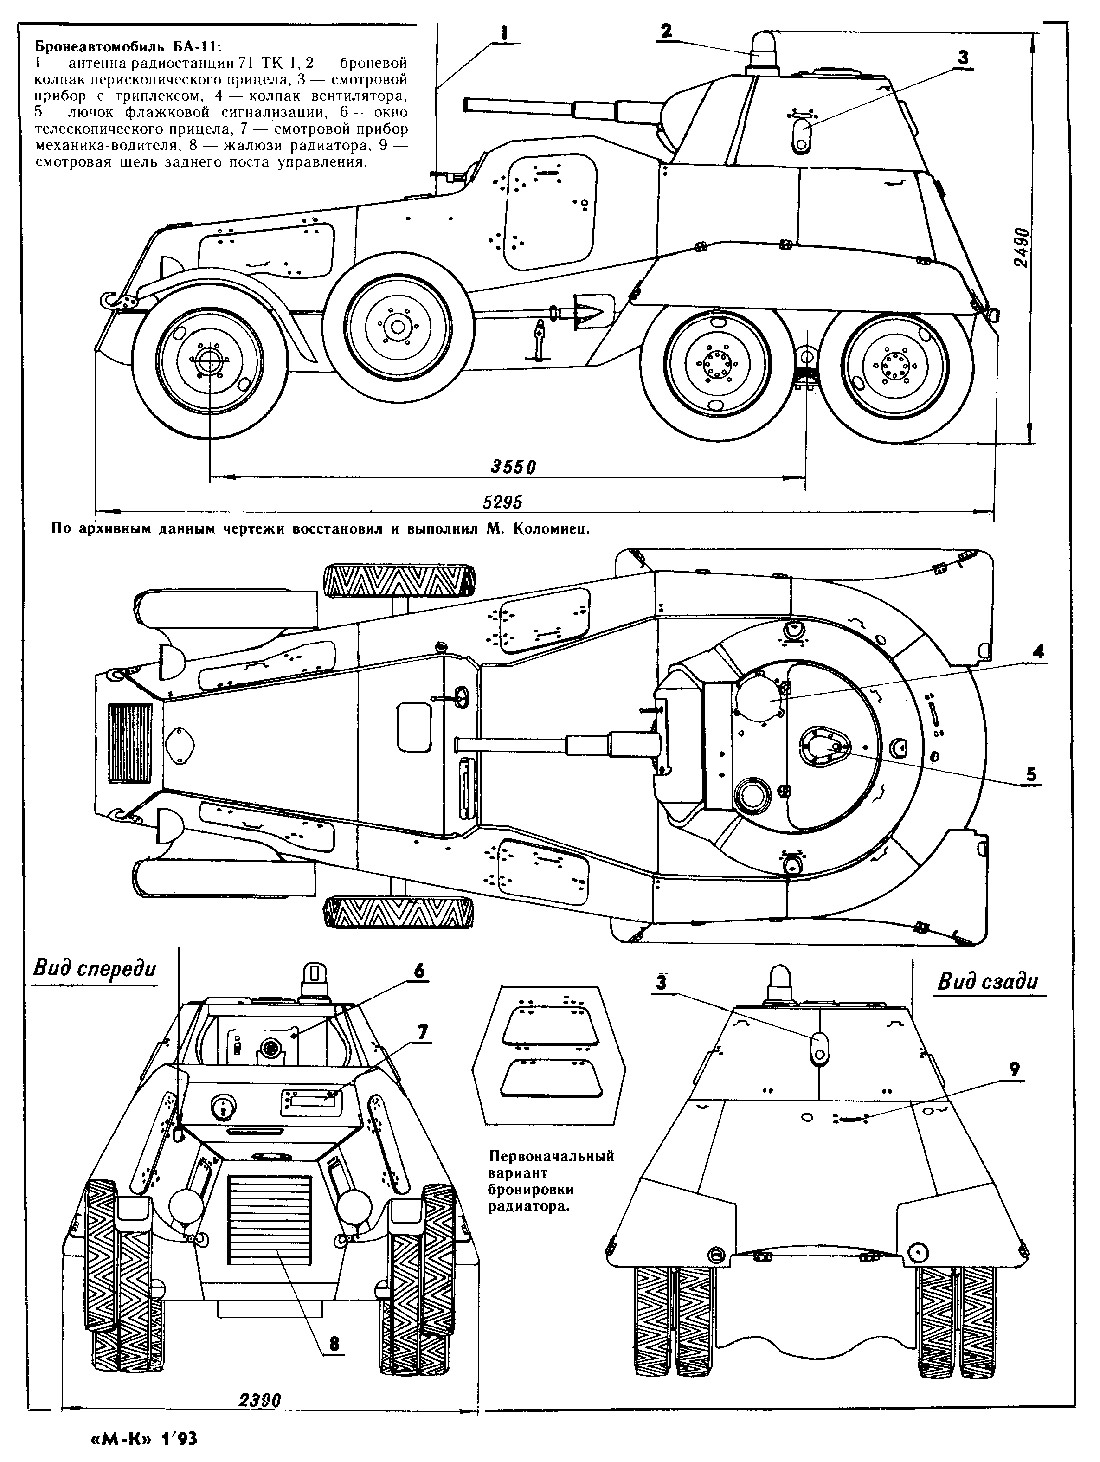 Чертеж бронеавтомобиля БА-11